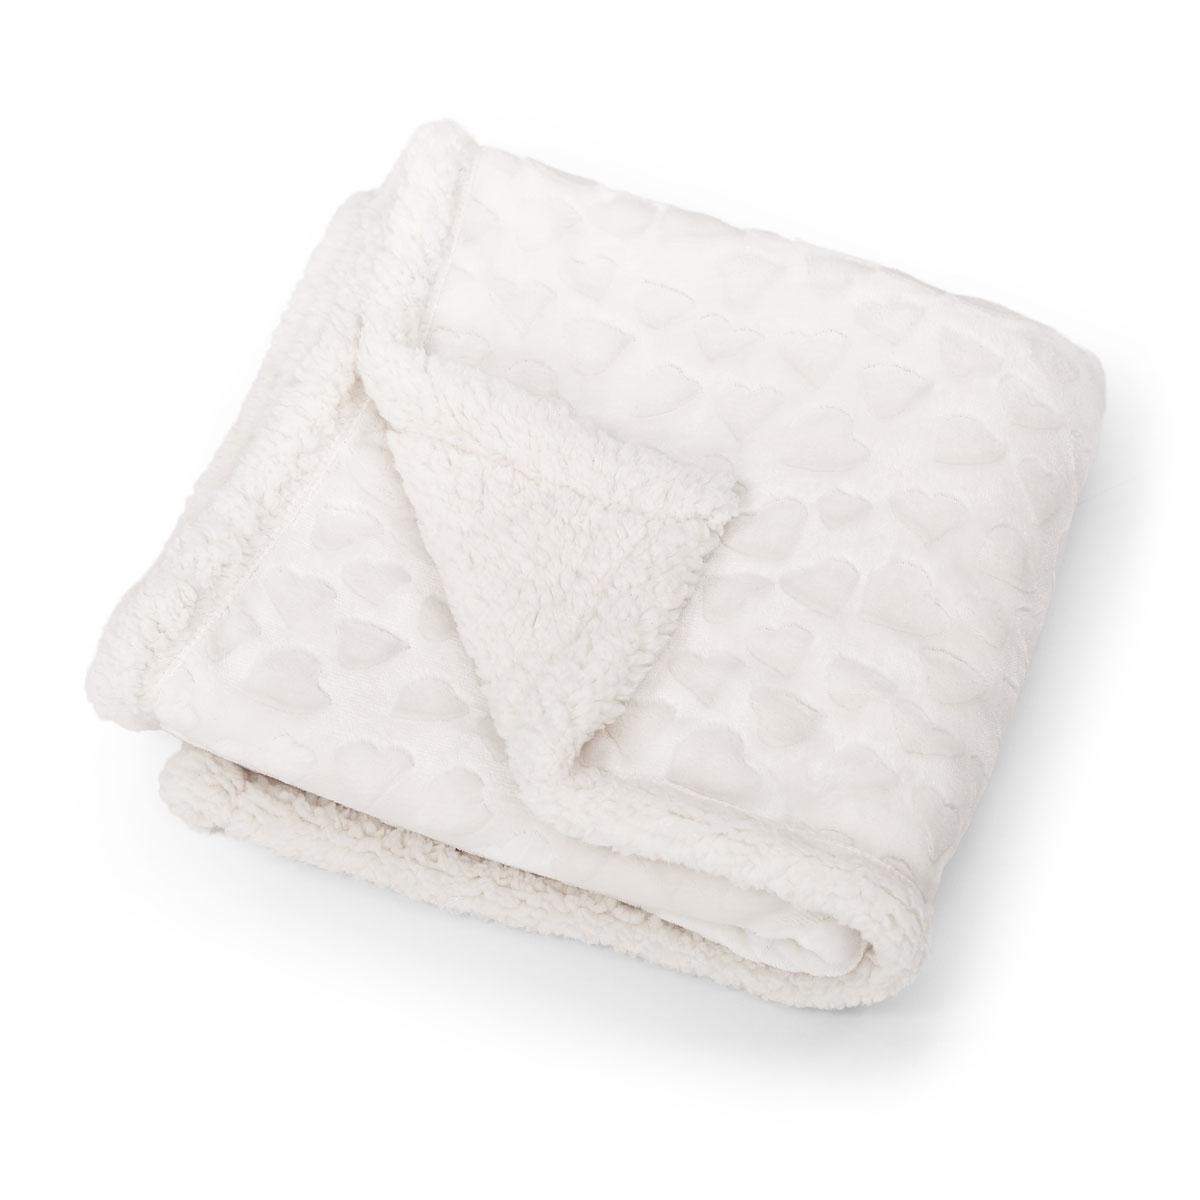 Плед Cozy Home Мягкий, легкий на ощупь. Для производства такого пледа используют пряжу нулевого кручения (Zero-Twist) с использованием длинноволокнистого хлопка, пряжа из которого отличается блеском и мягкостью.